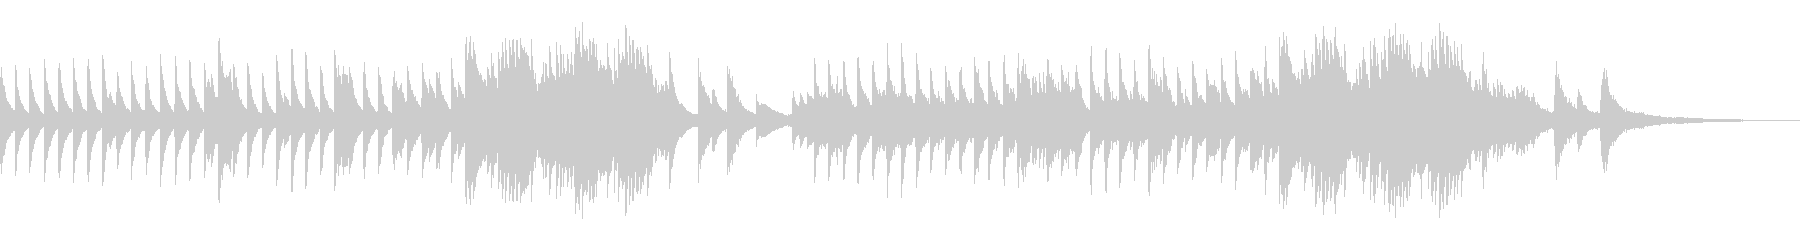 KANTピアノバラード200603の未再生の波形